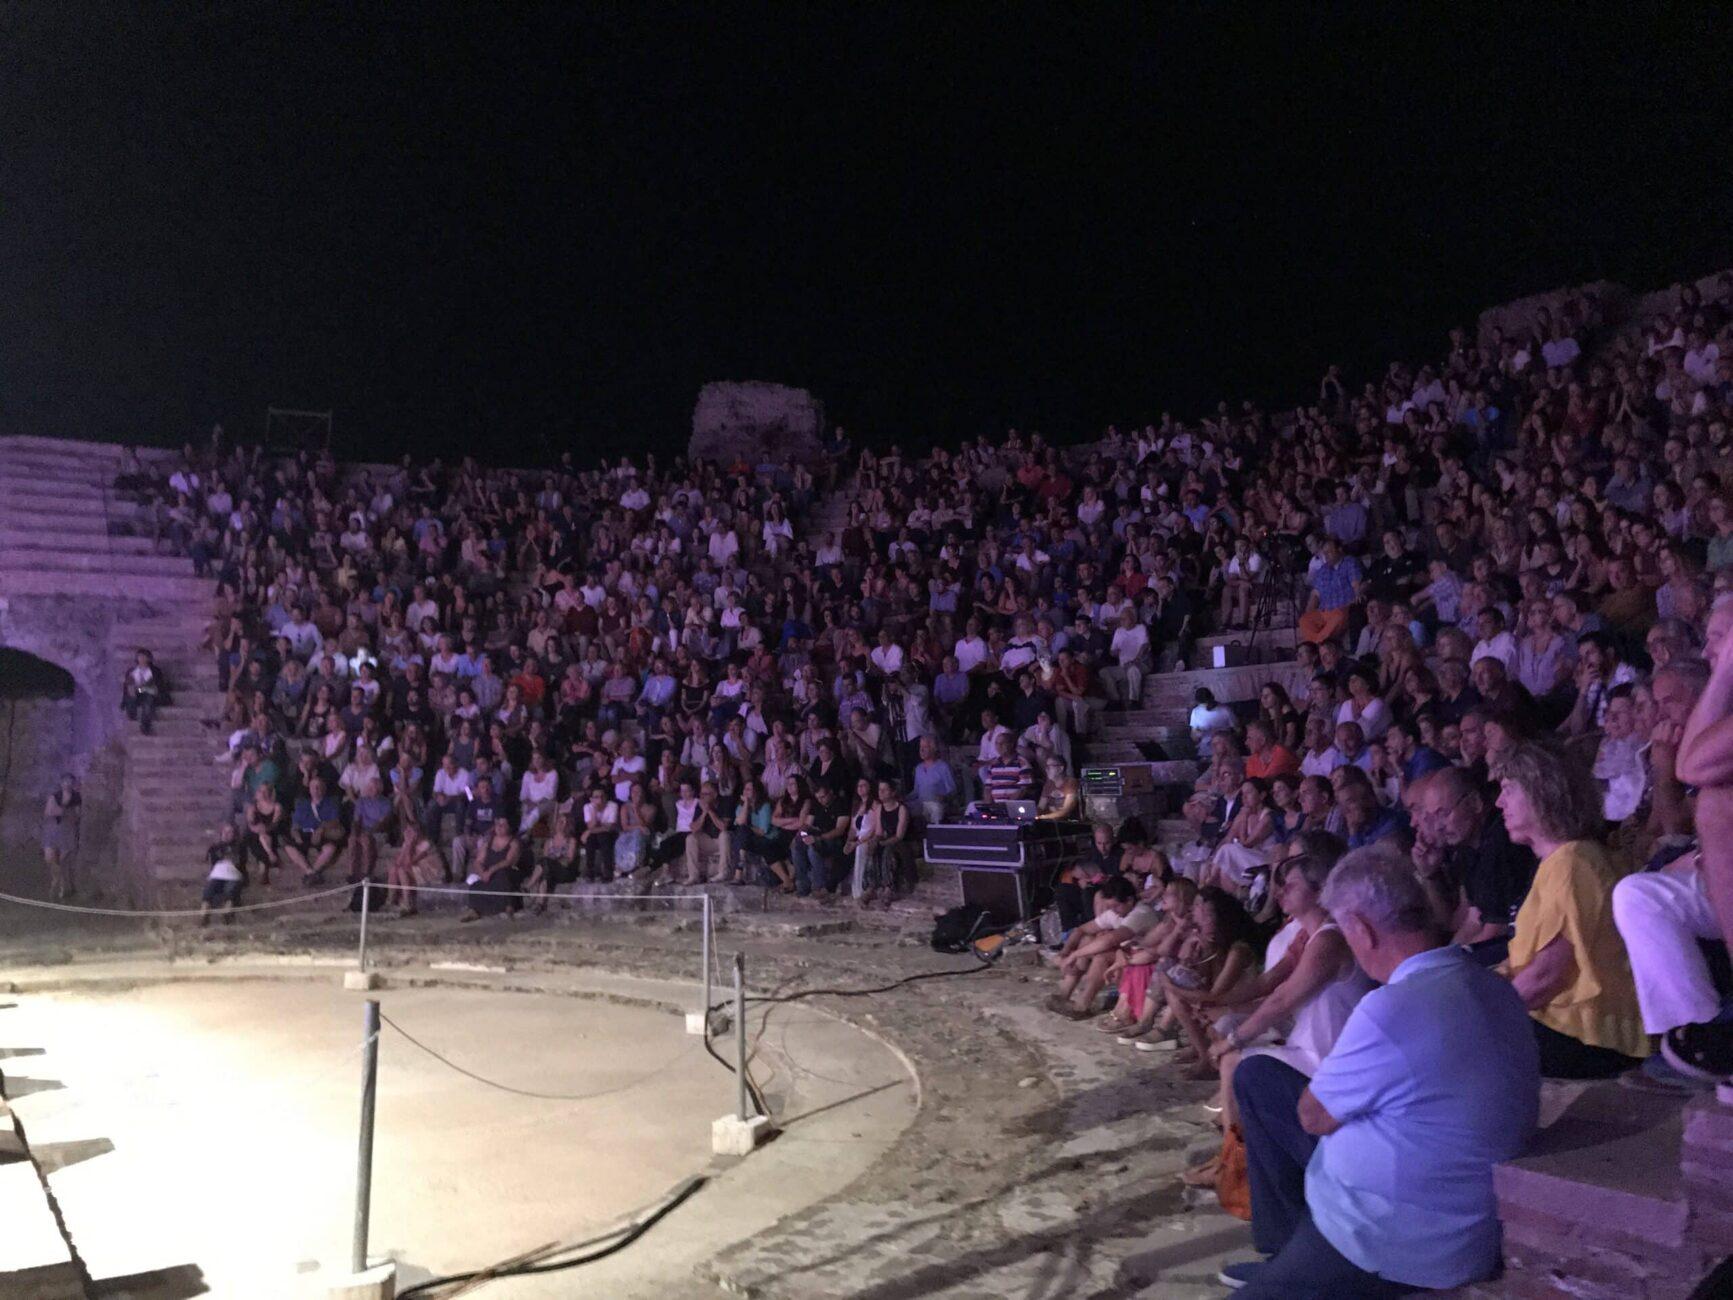 Μικρά Νυχτερινά Μάγια στο ρωμαϊκό Ωδείο Νικόπολης